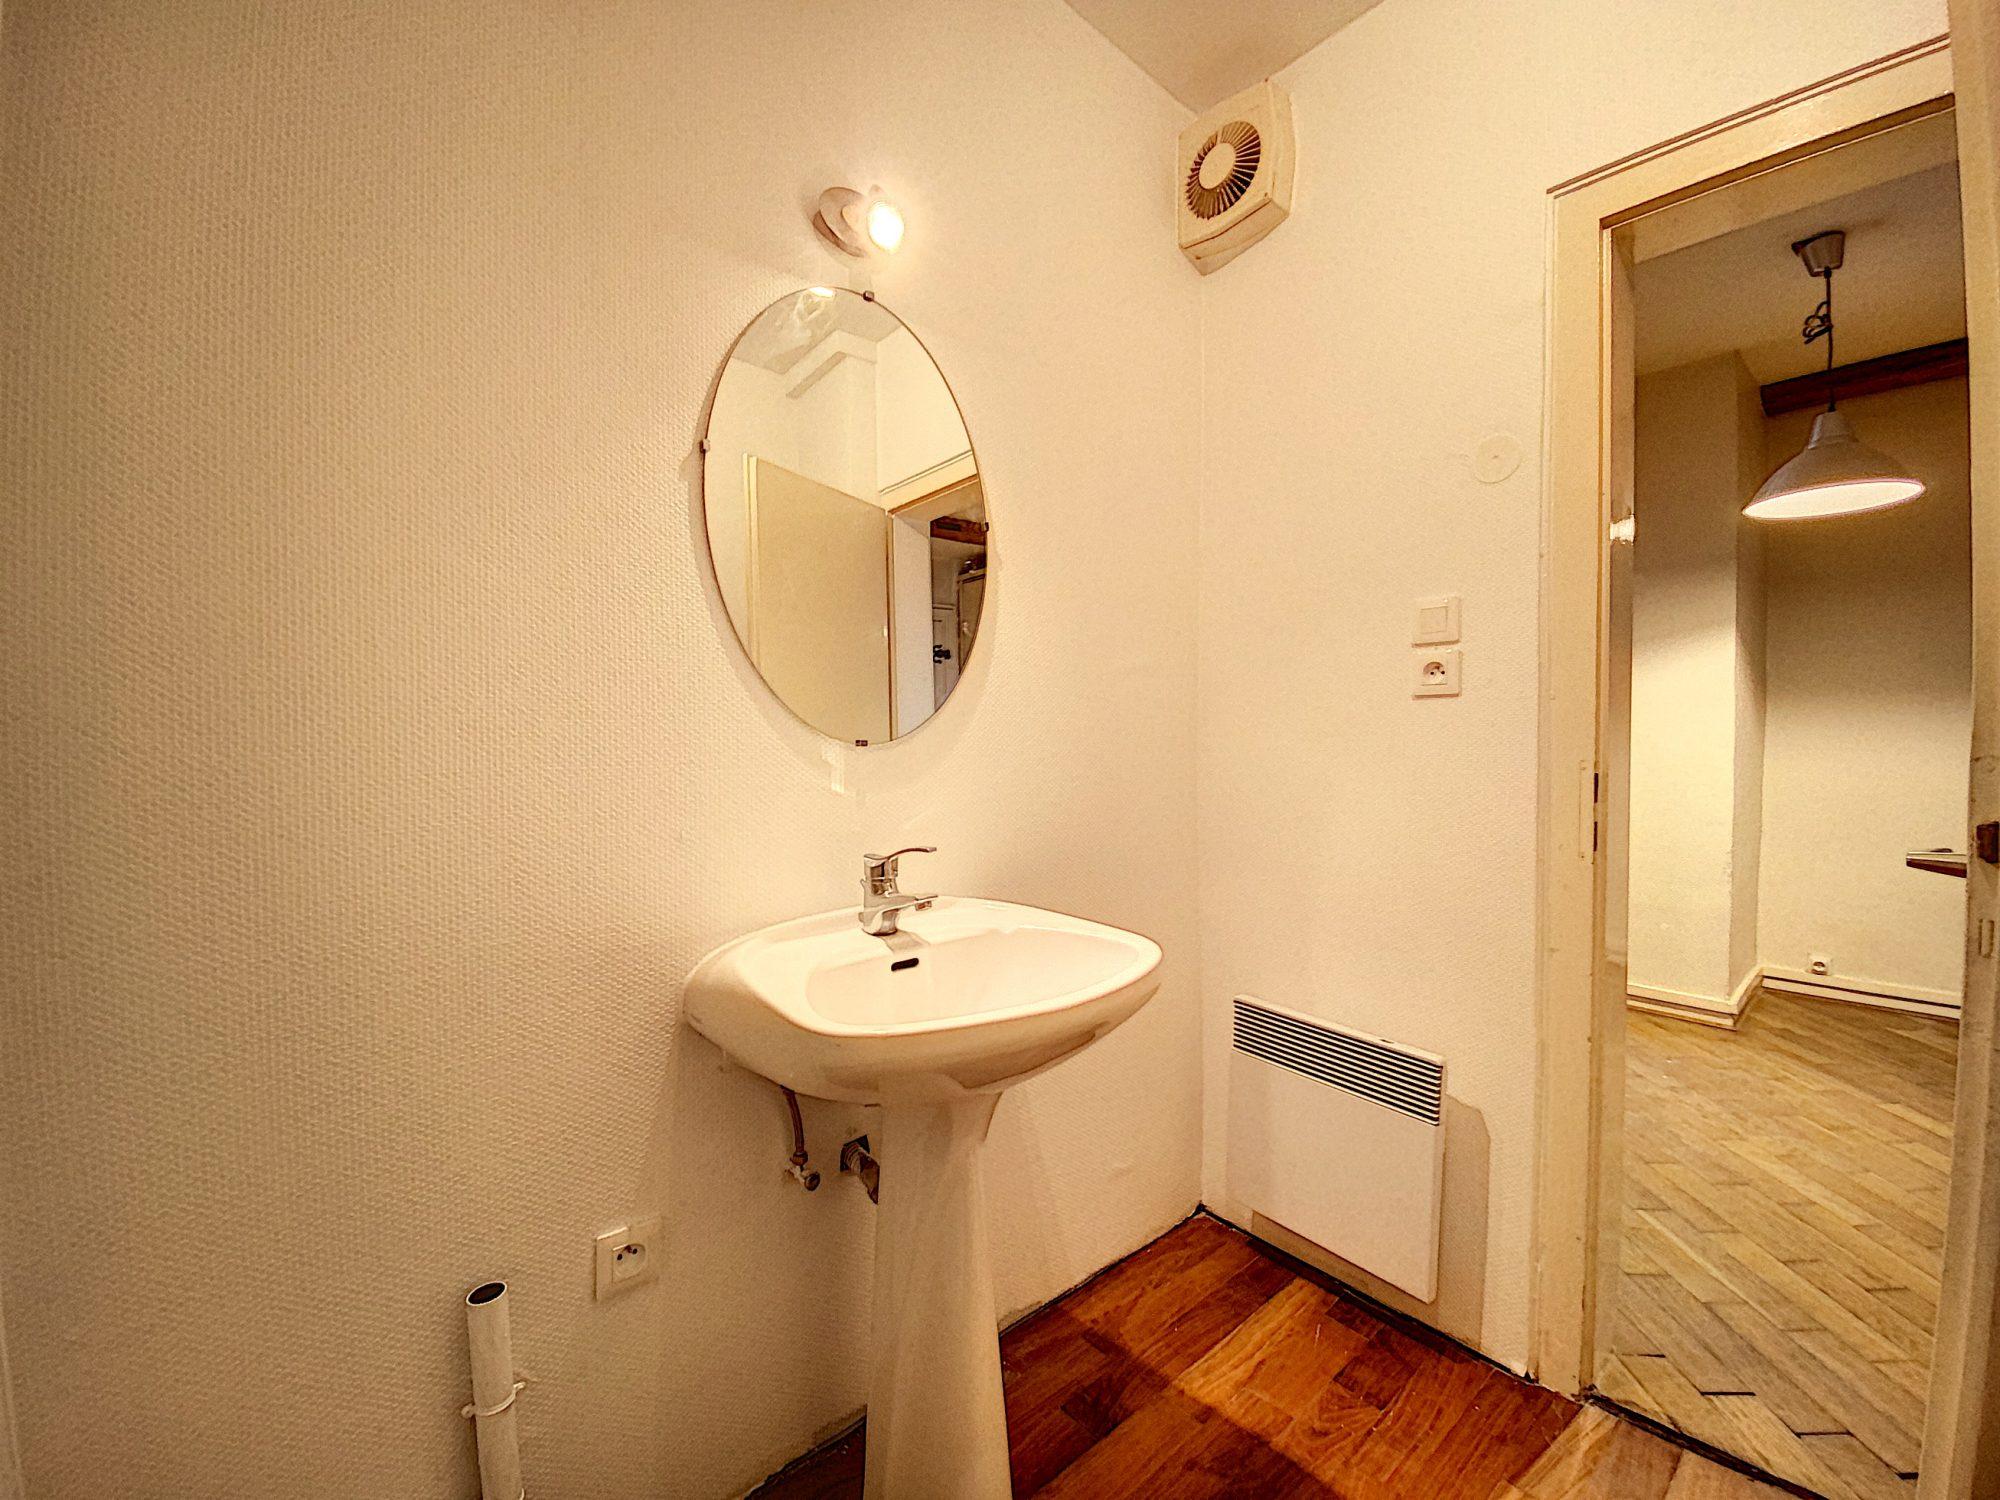 T2 PETITE FRANCE - Devenez locataire en toute sérénité - Bintz Immobilier - 9